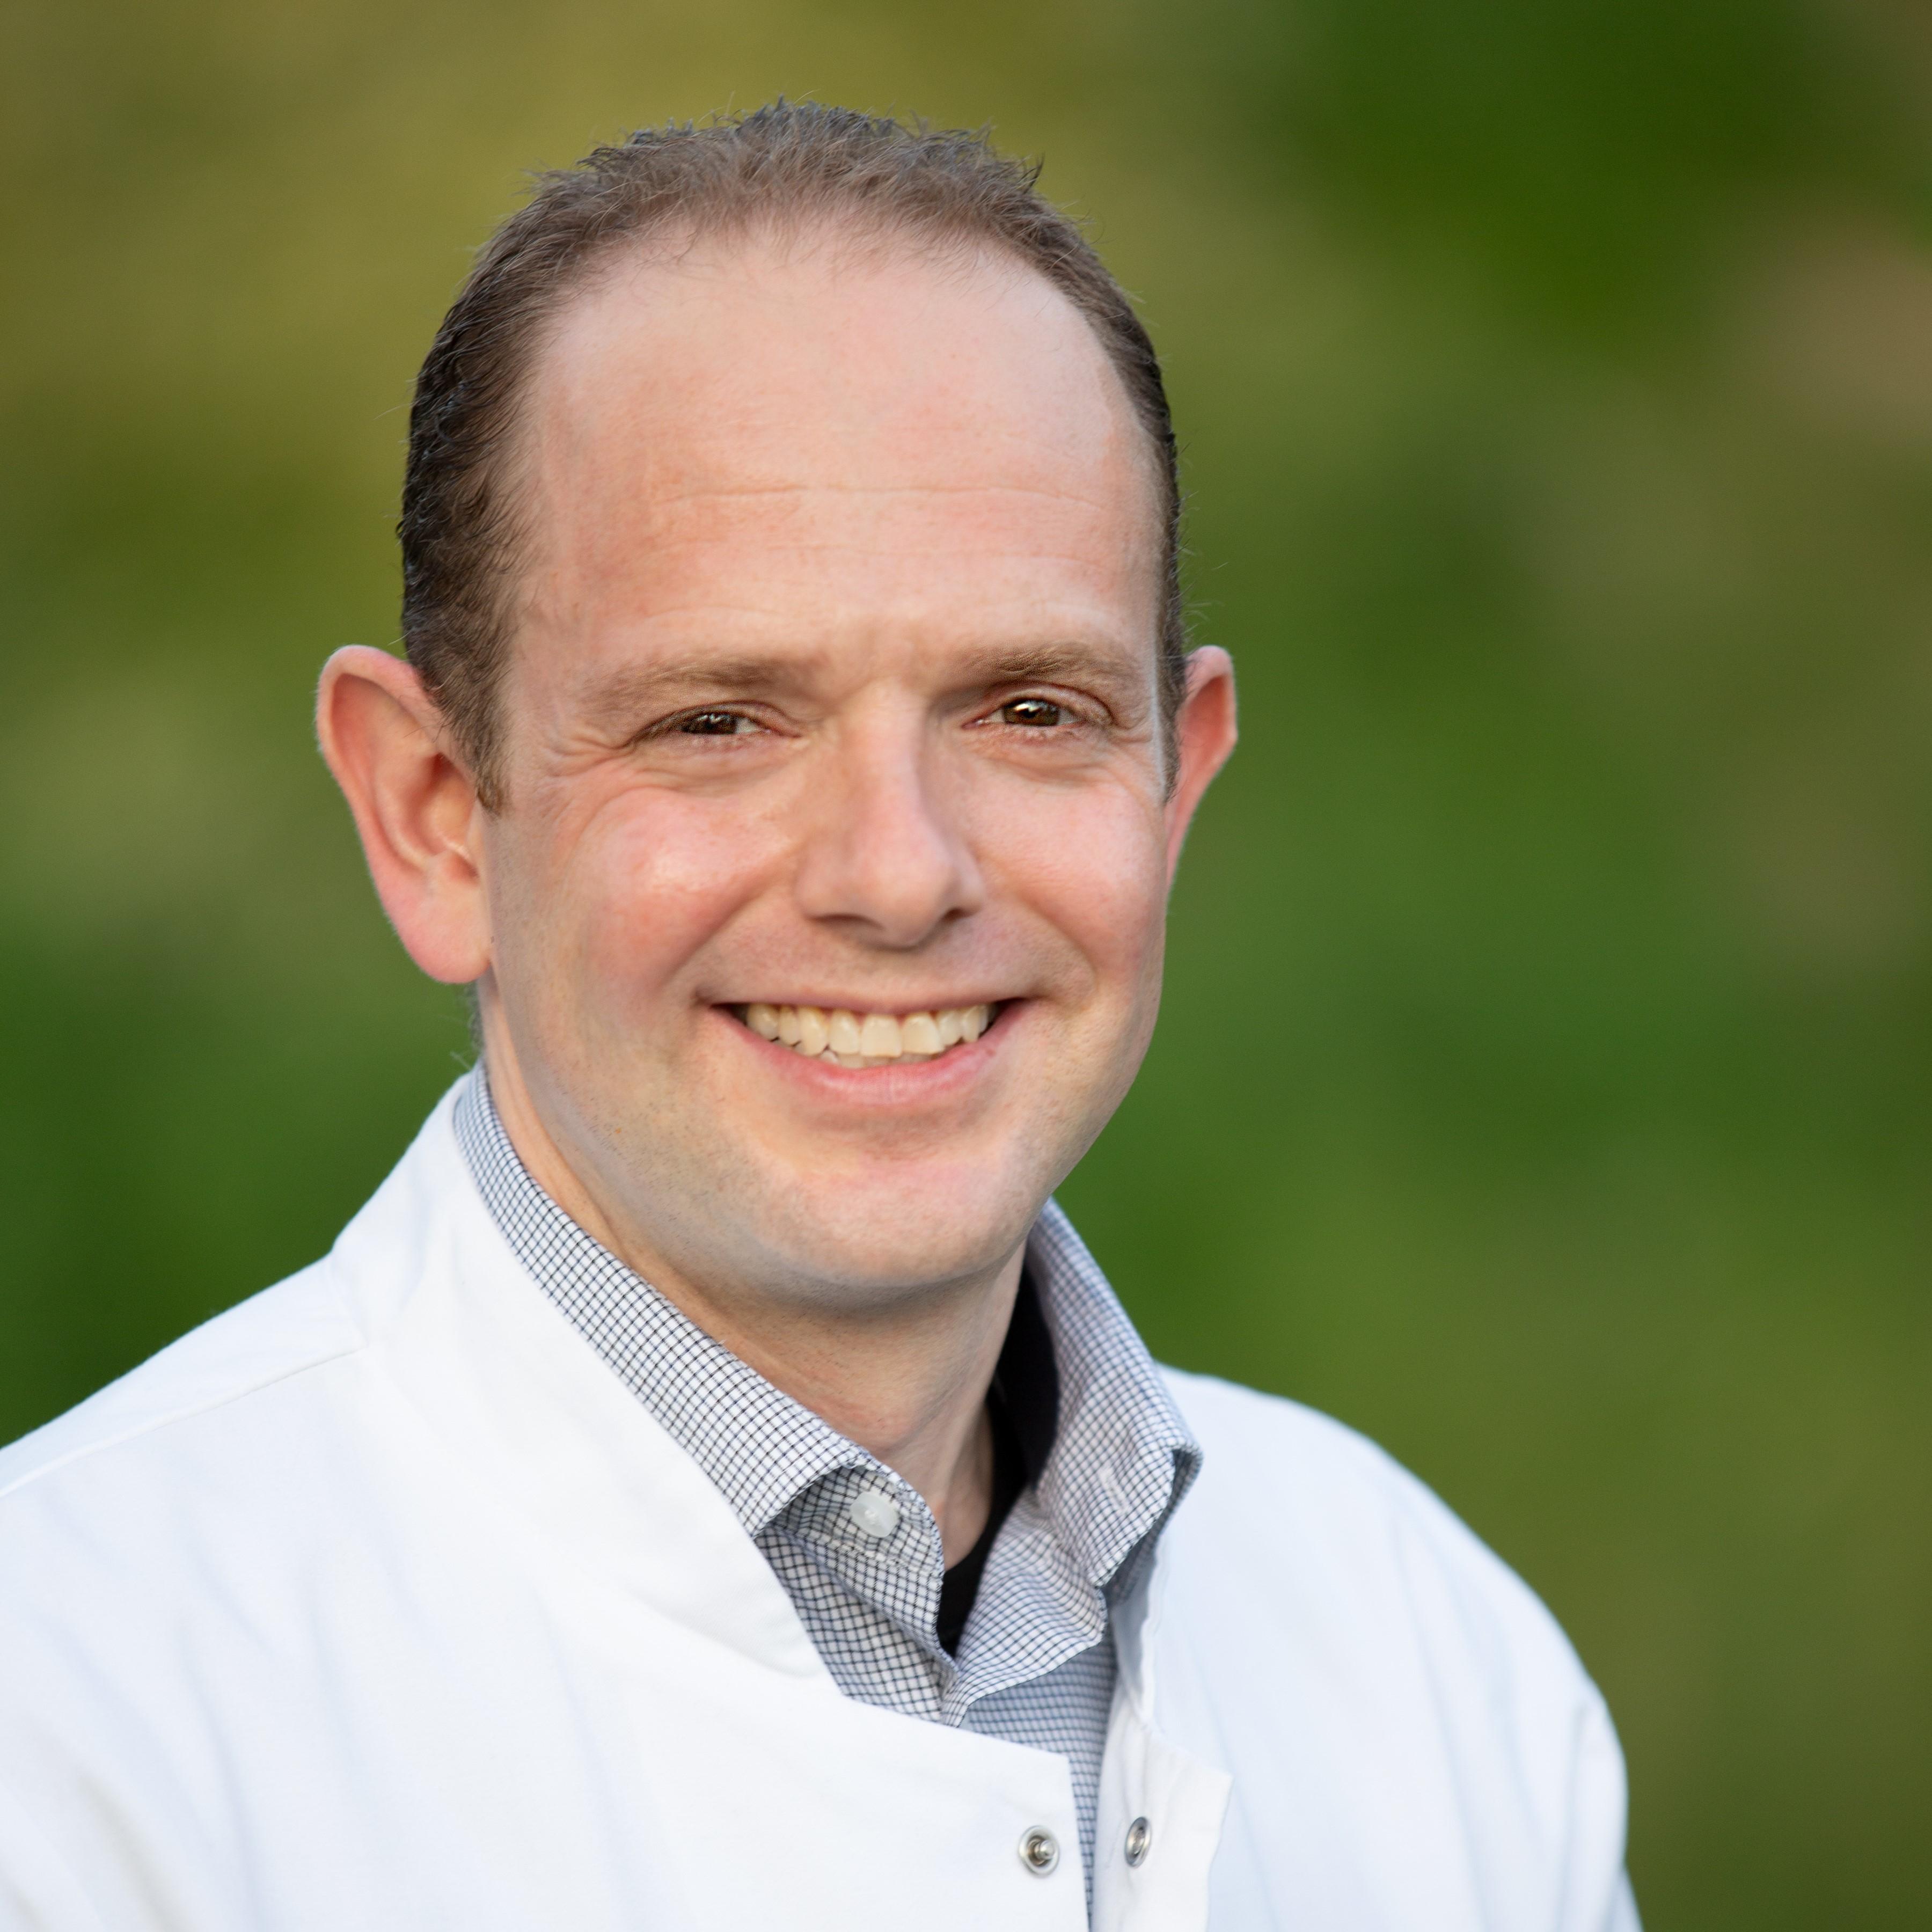 Professor Dr. med. Georg Lenz